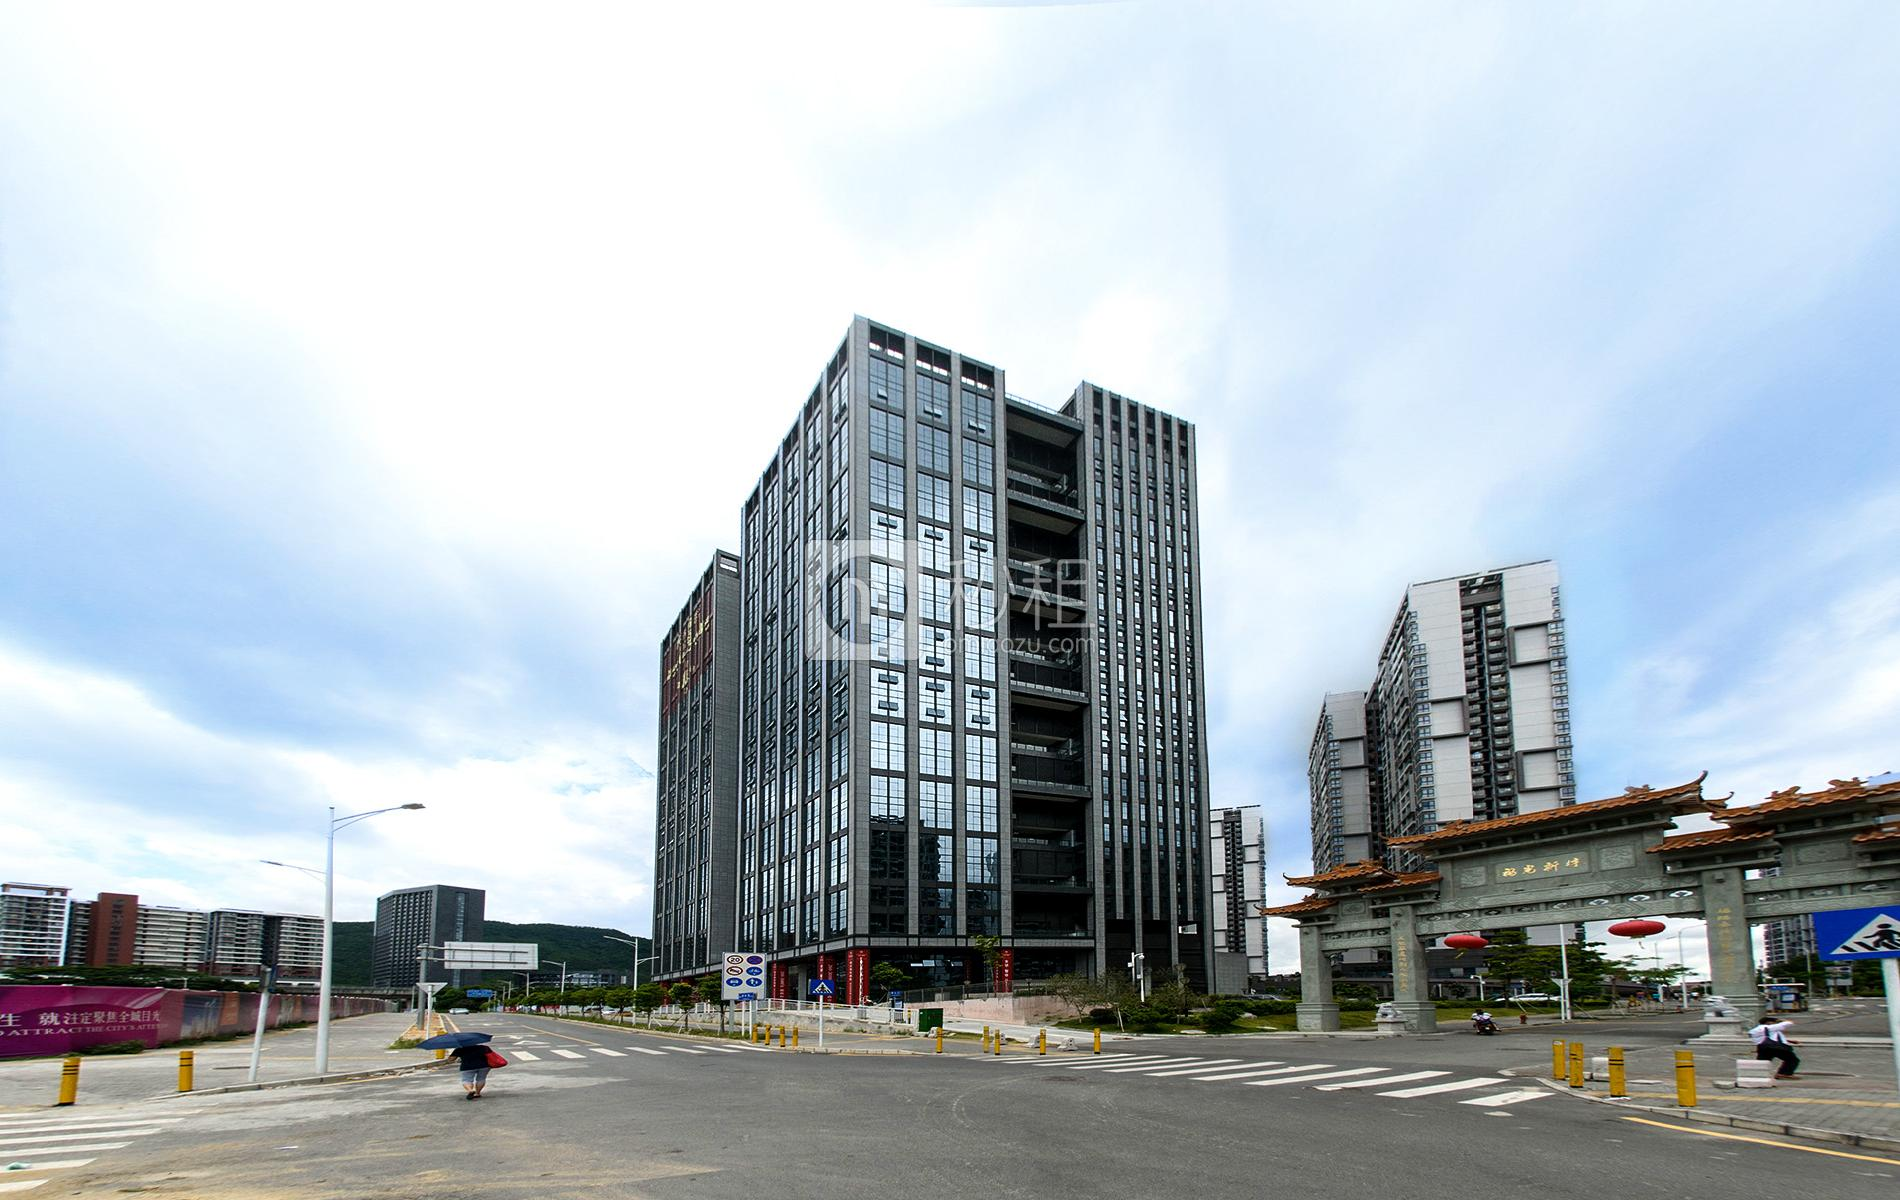 福光智谷写字楼出租/招租/租赁,福光智谷办公室出租/招租/租赁